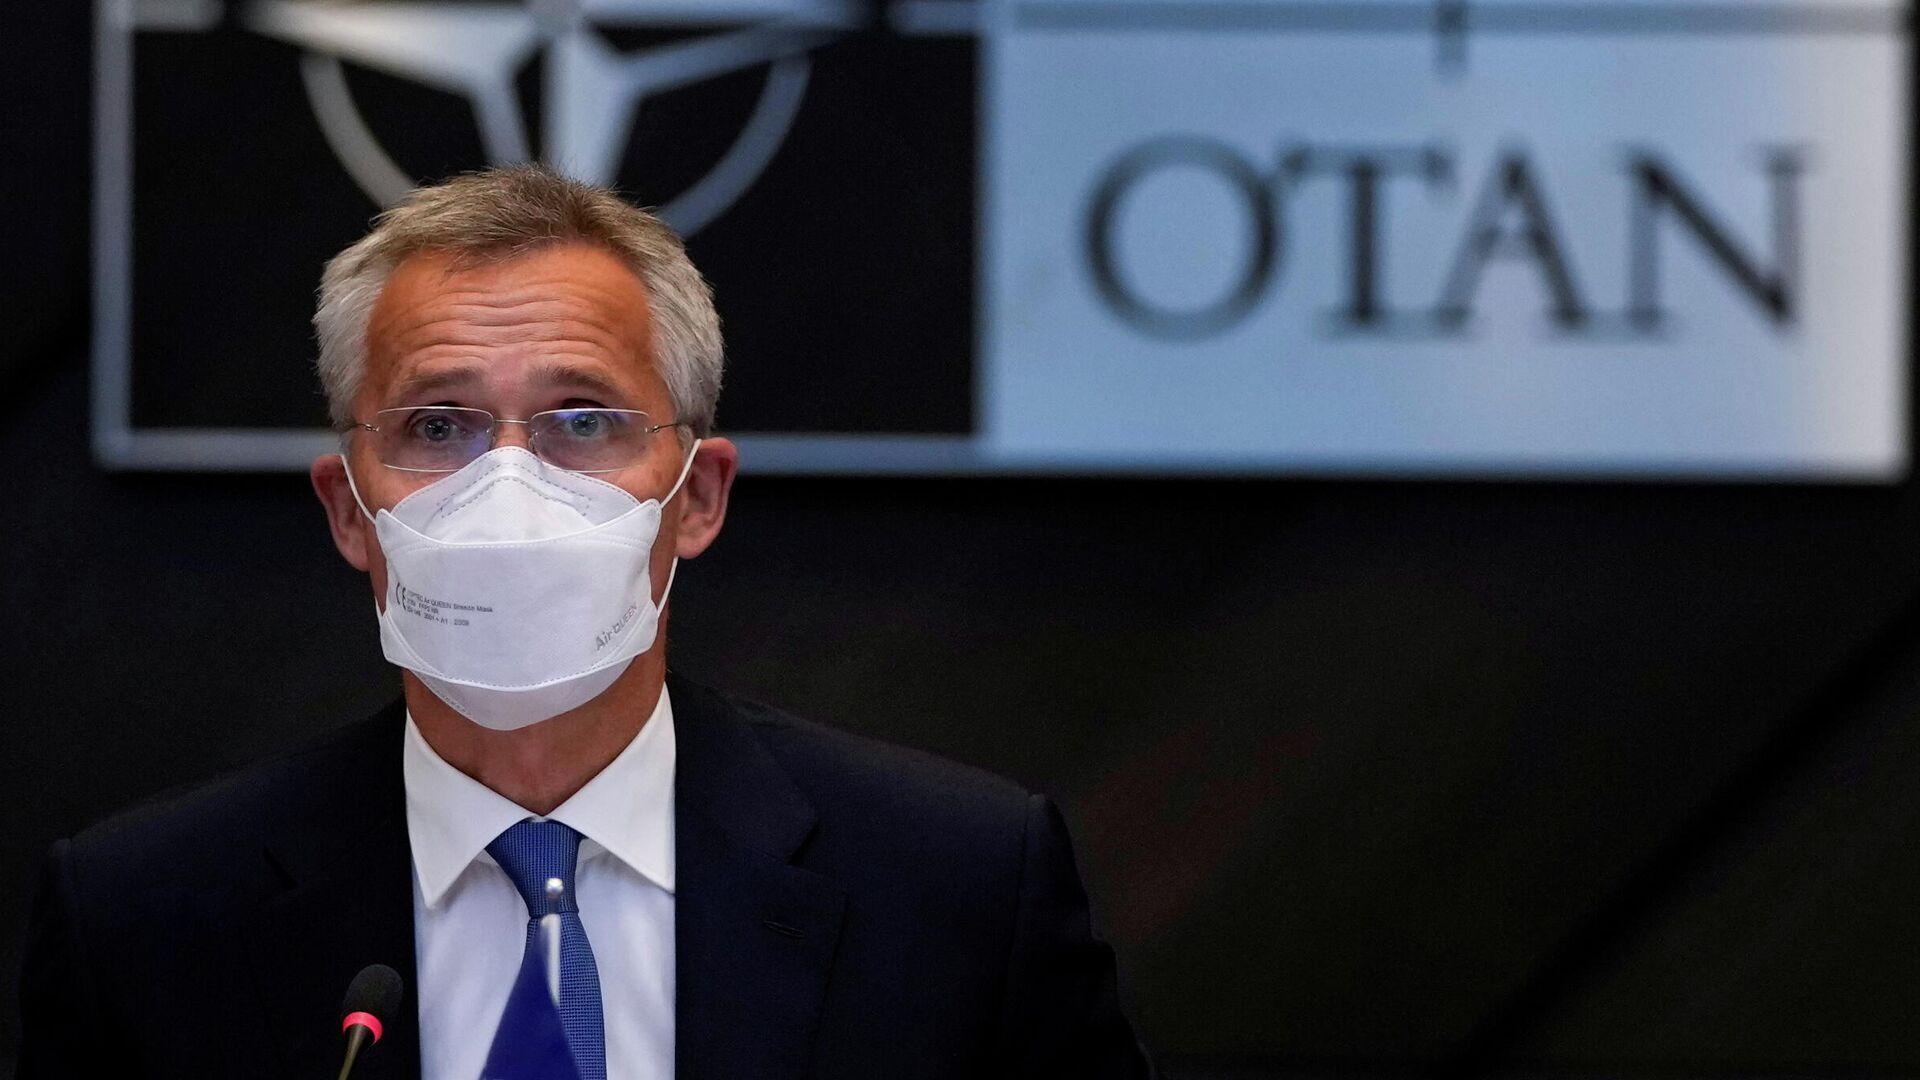 El secretario general de la OTAN, Jens Stoltenberg, habla durante una reunión virtual de ministros de Relaciones Exteriores de la OTAN sobre la situación en Afganistán, en la sede de la OTAN en Bruselas, Bélgica, el 20 de agosto de 2021 - Sputnik Mundo, 1920, 11.09.2021